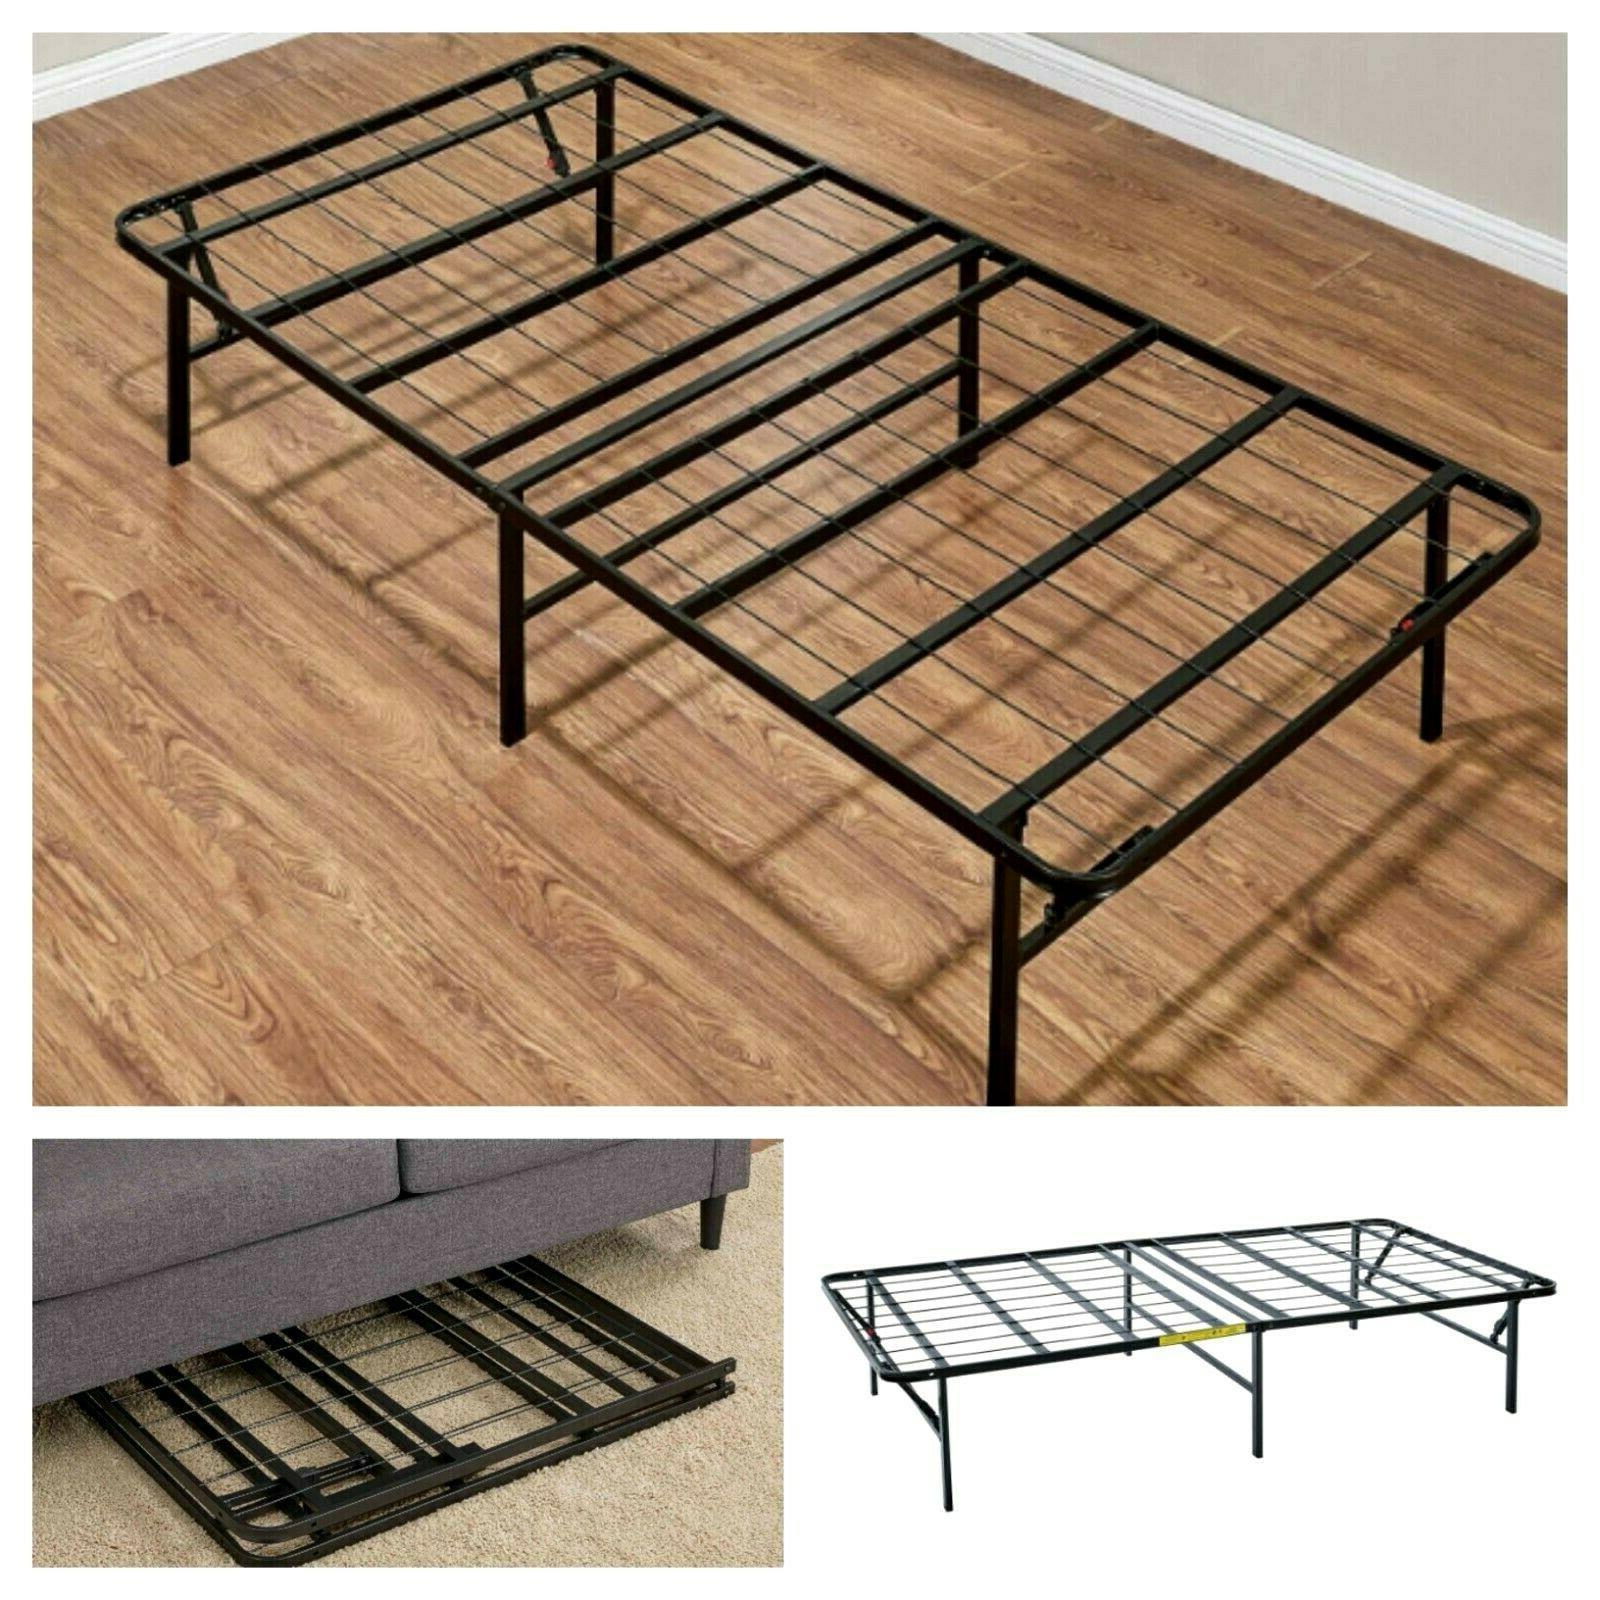 platform full size bed frame 14 inch